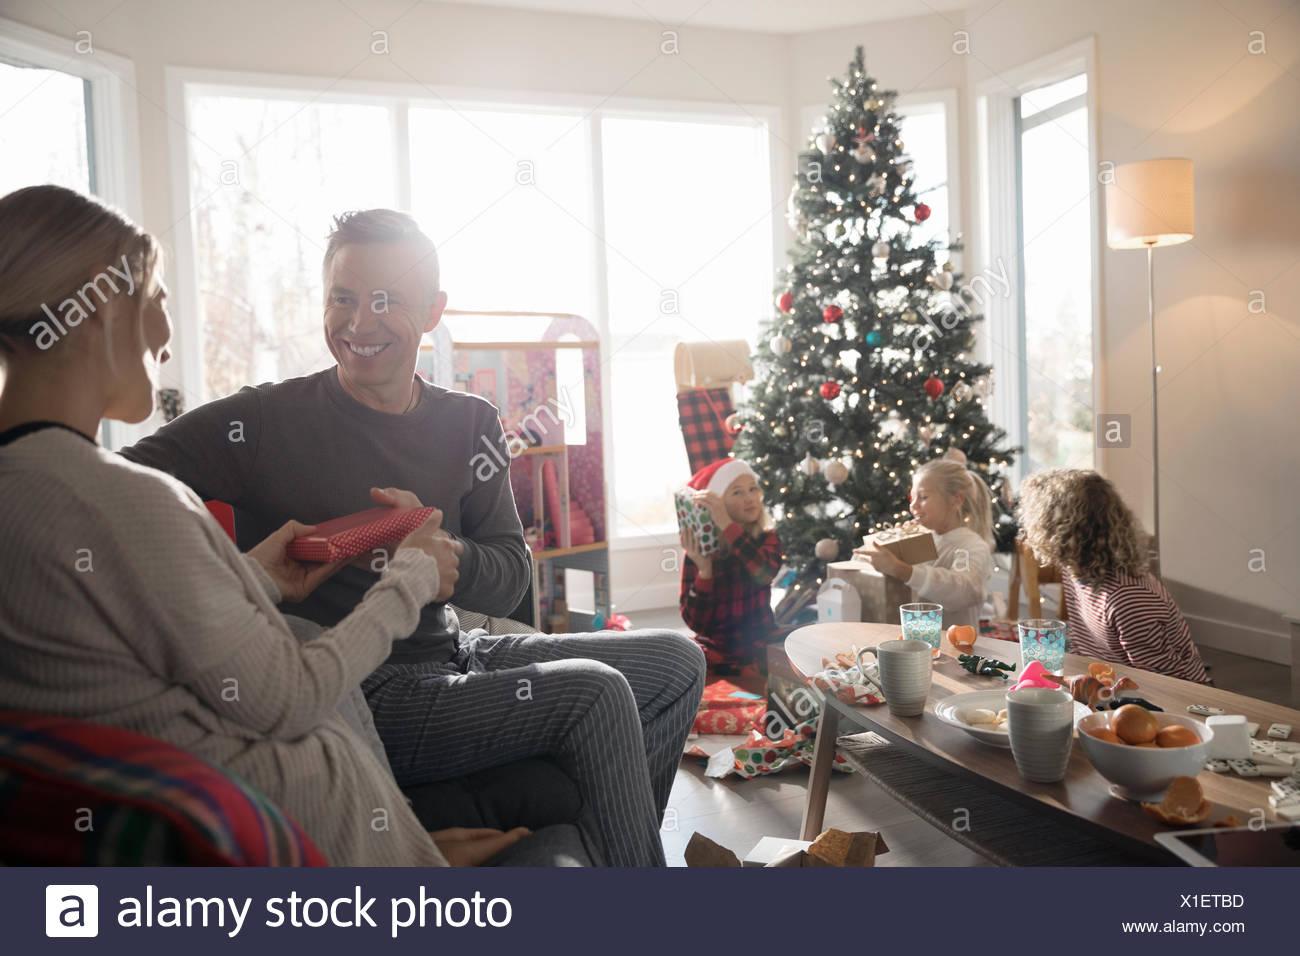 Mann, Weihnachtsgeschenk zu Frau im Wohnzimmer mit der Familie ...